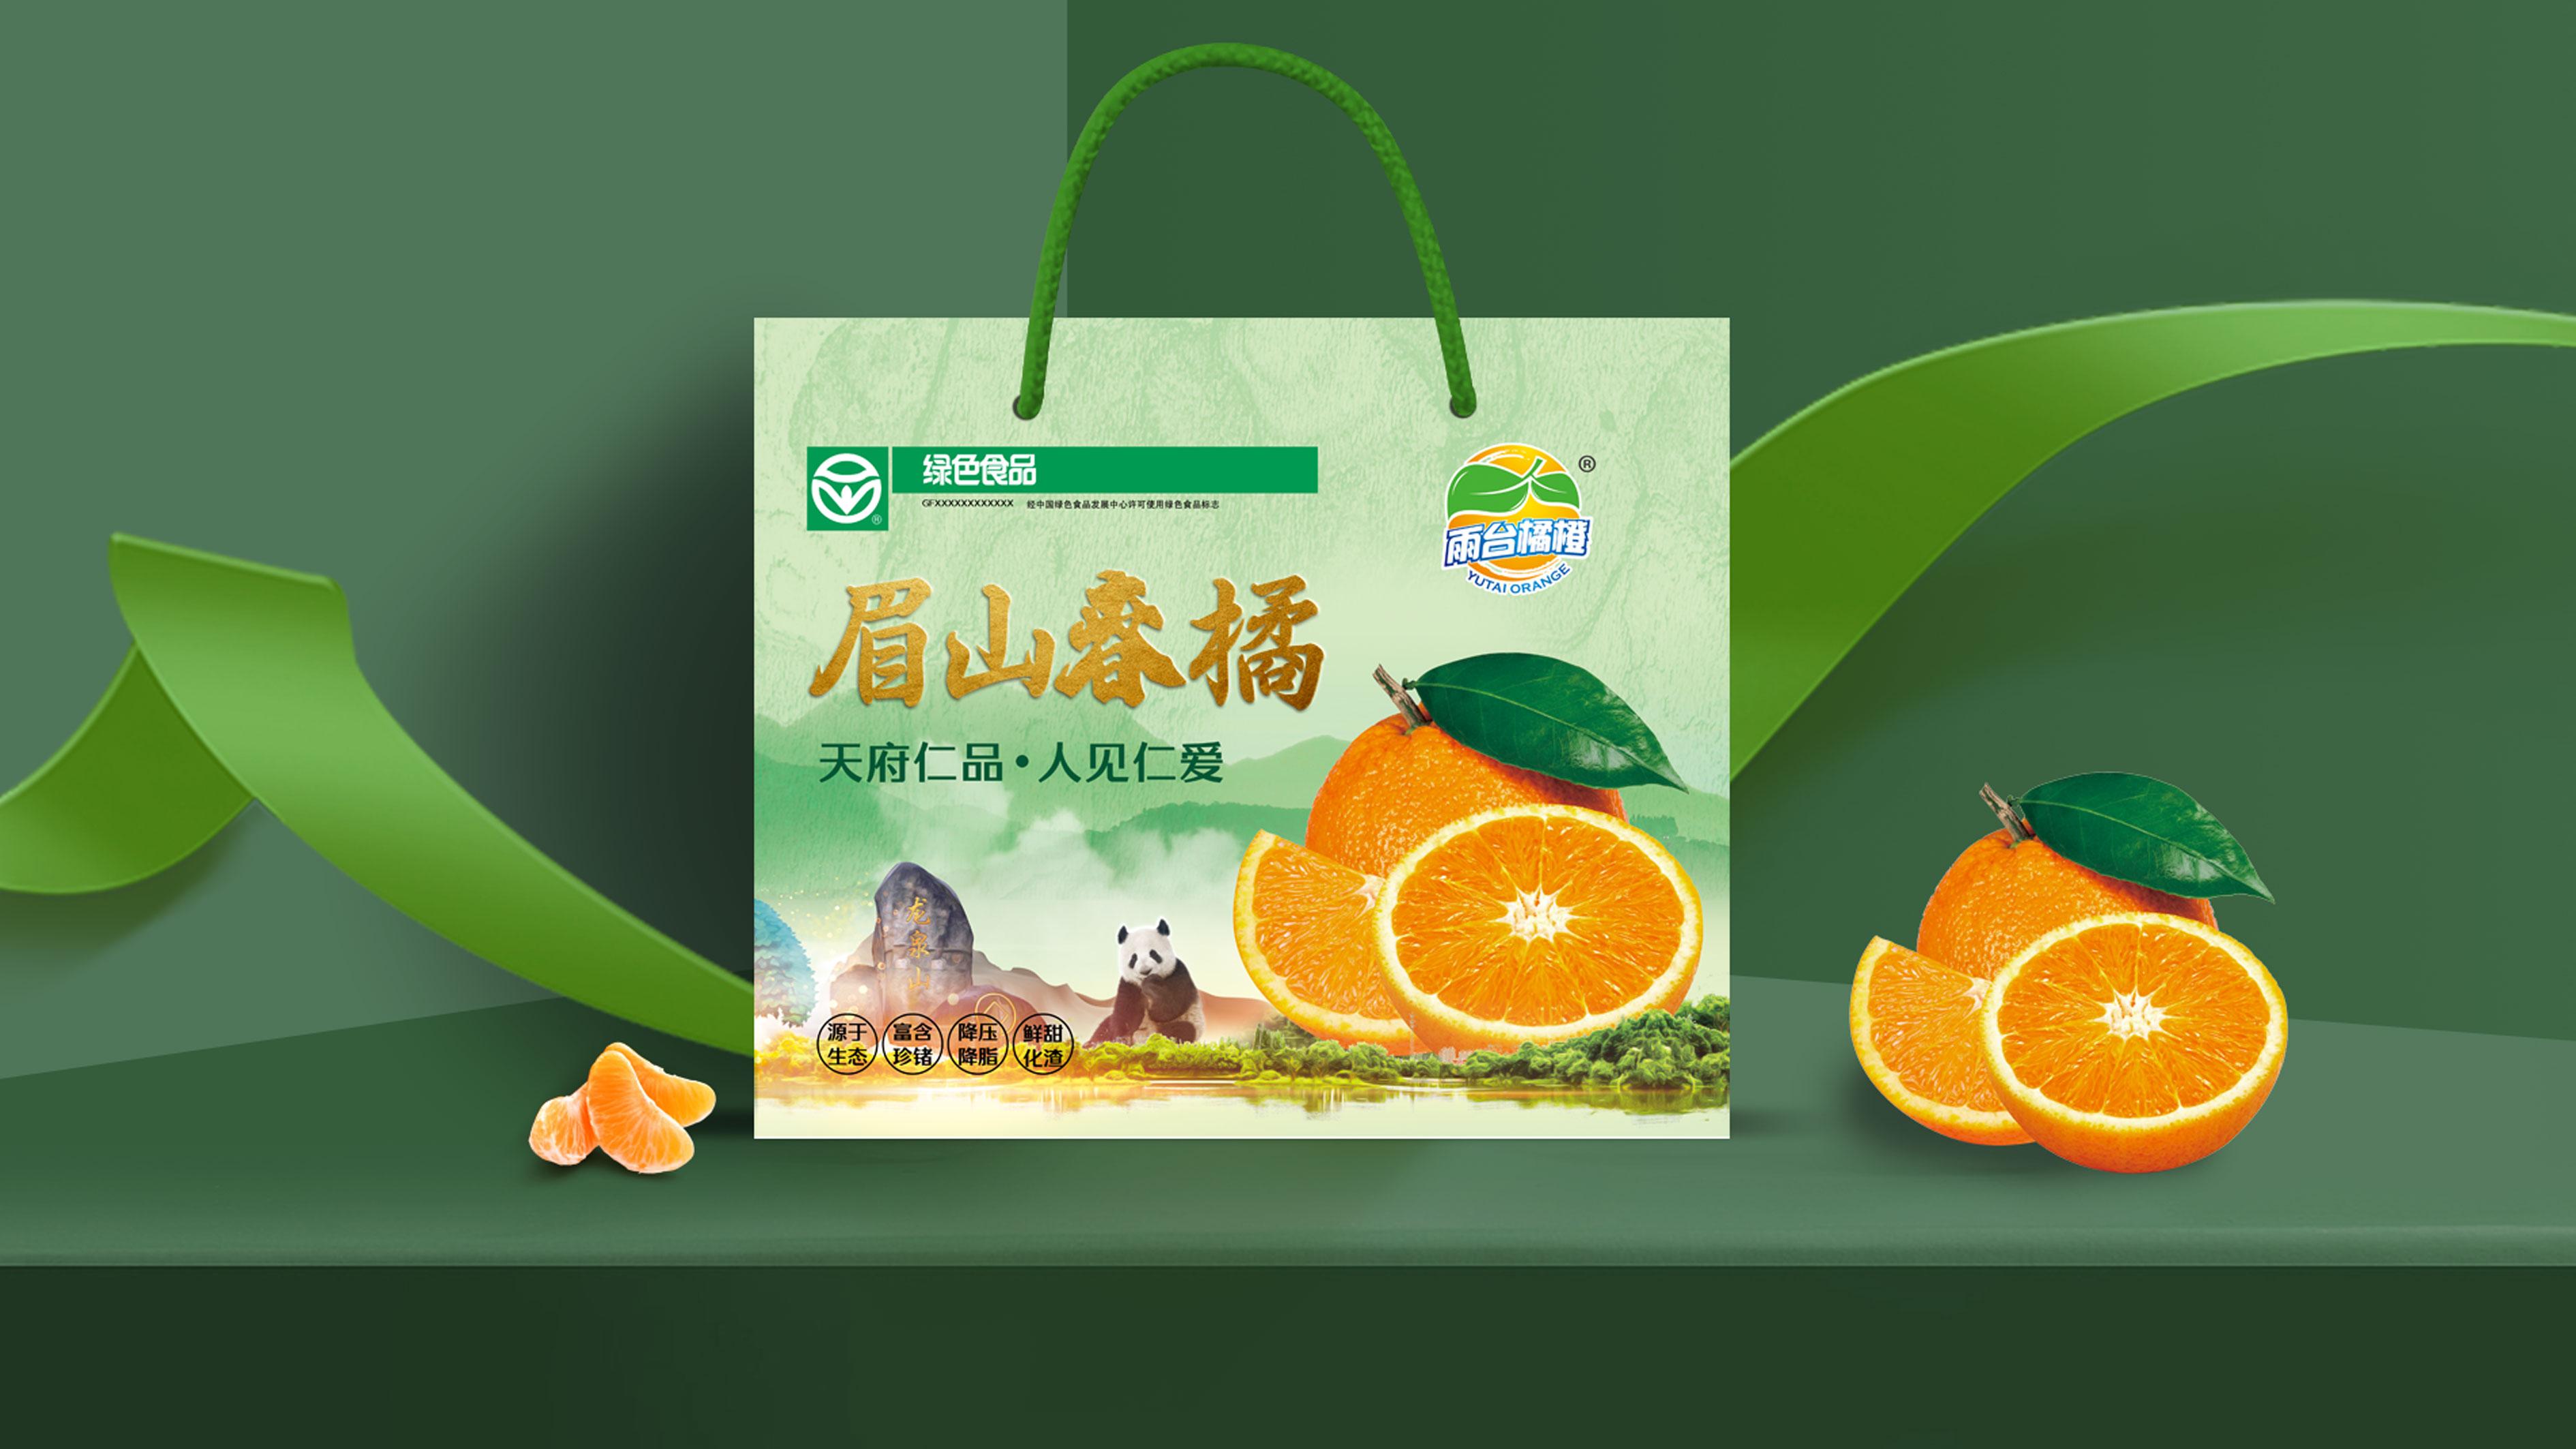 雨台橘橙品牌包装设计